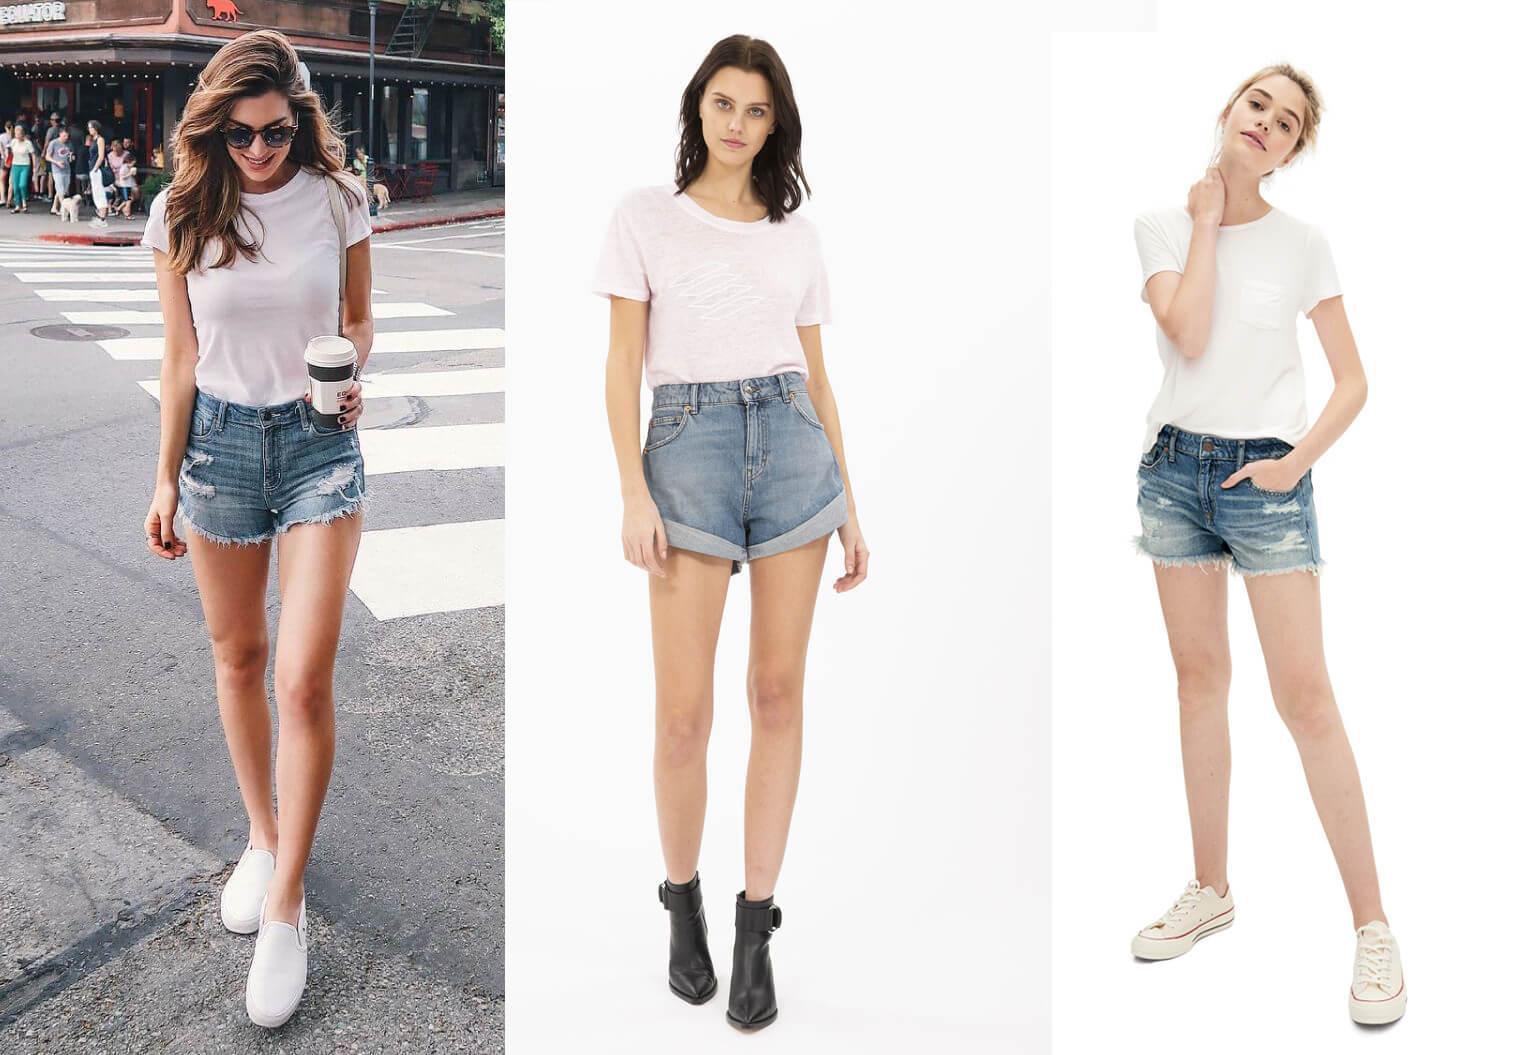 Áo thun vs short jean - Phối đồ mùa hè nữ